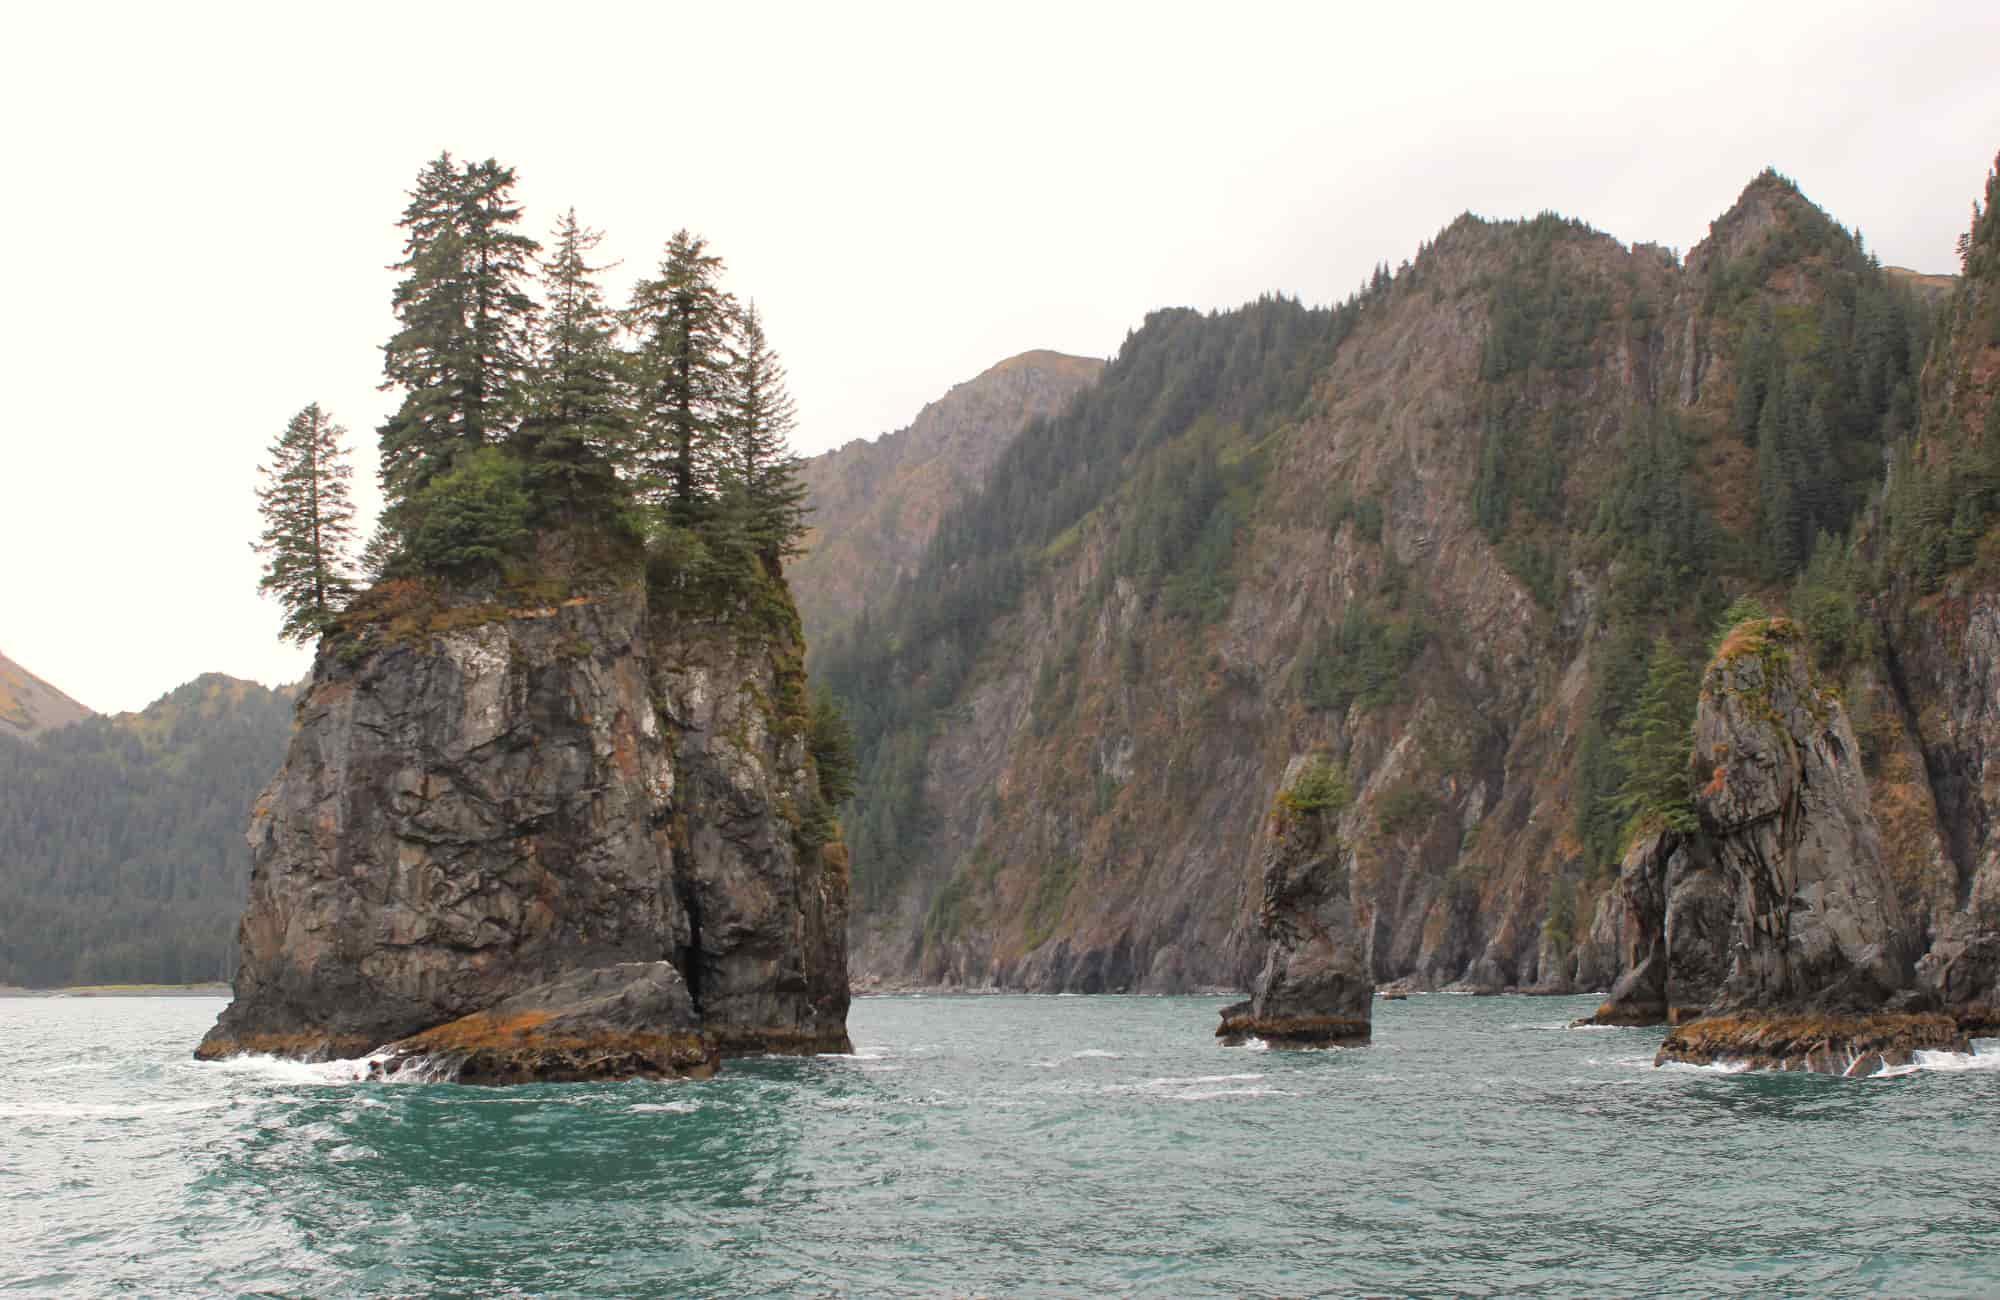 Voyage Alaska - La baie qui longe la route - Amplitudes